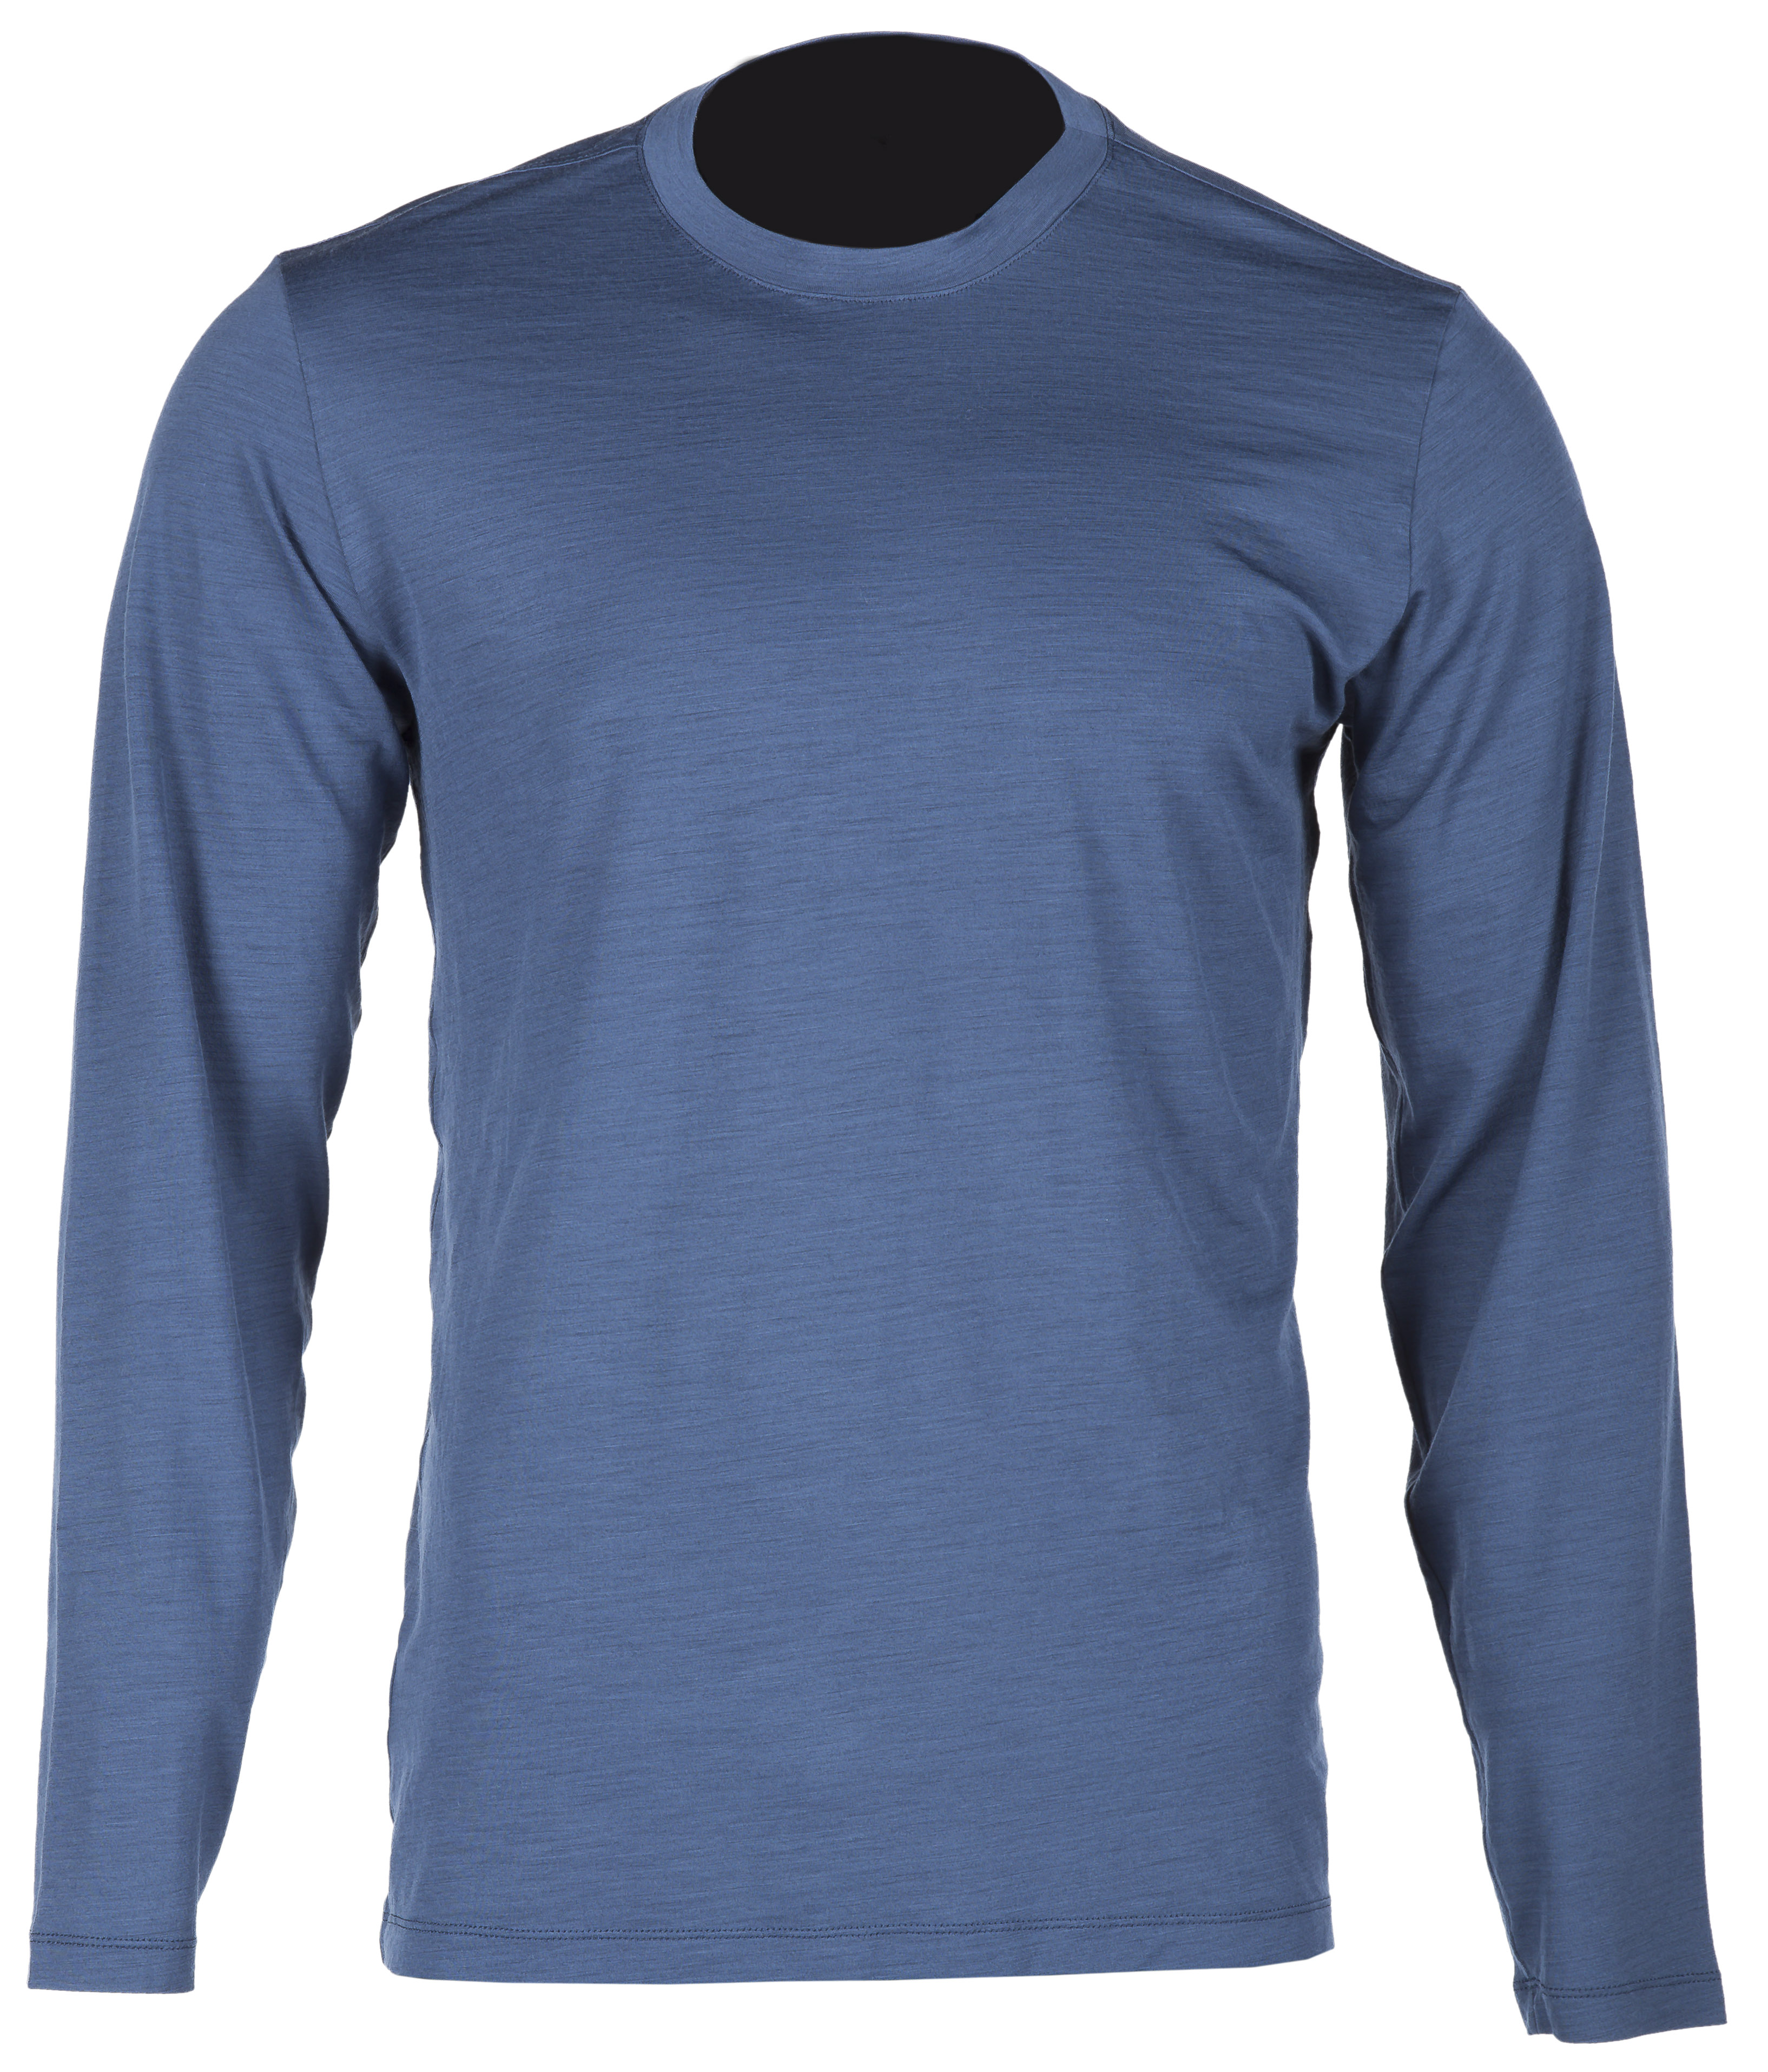 3712-000-200 Teton Merino Wool LS